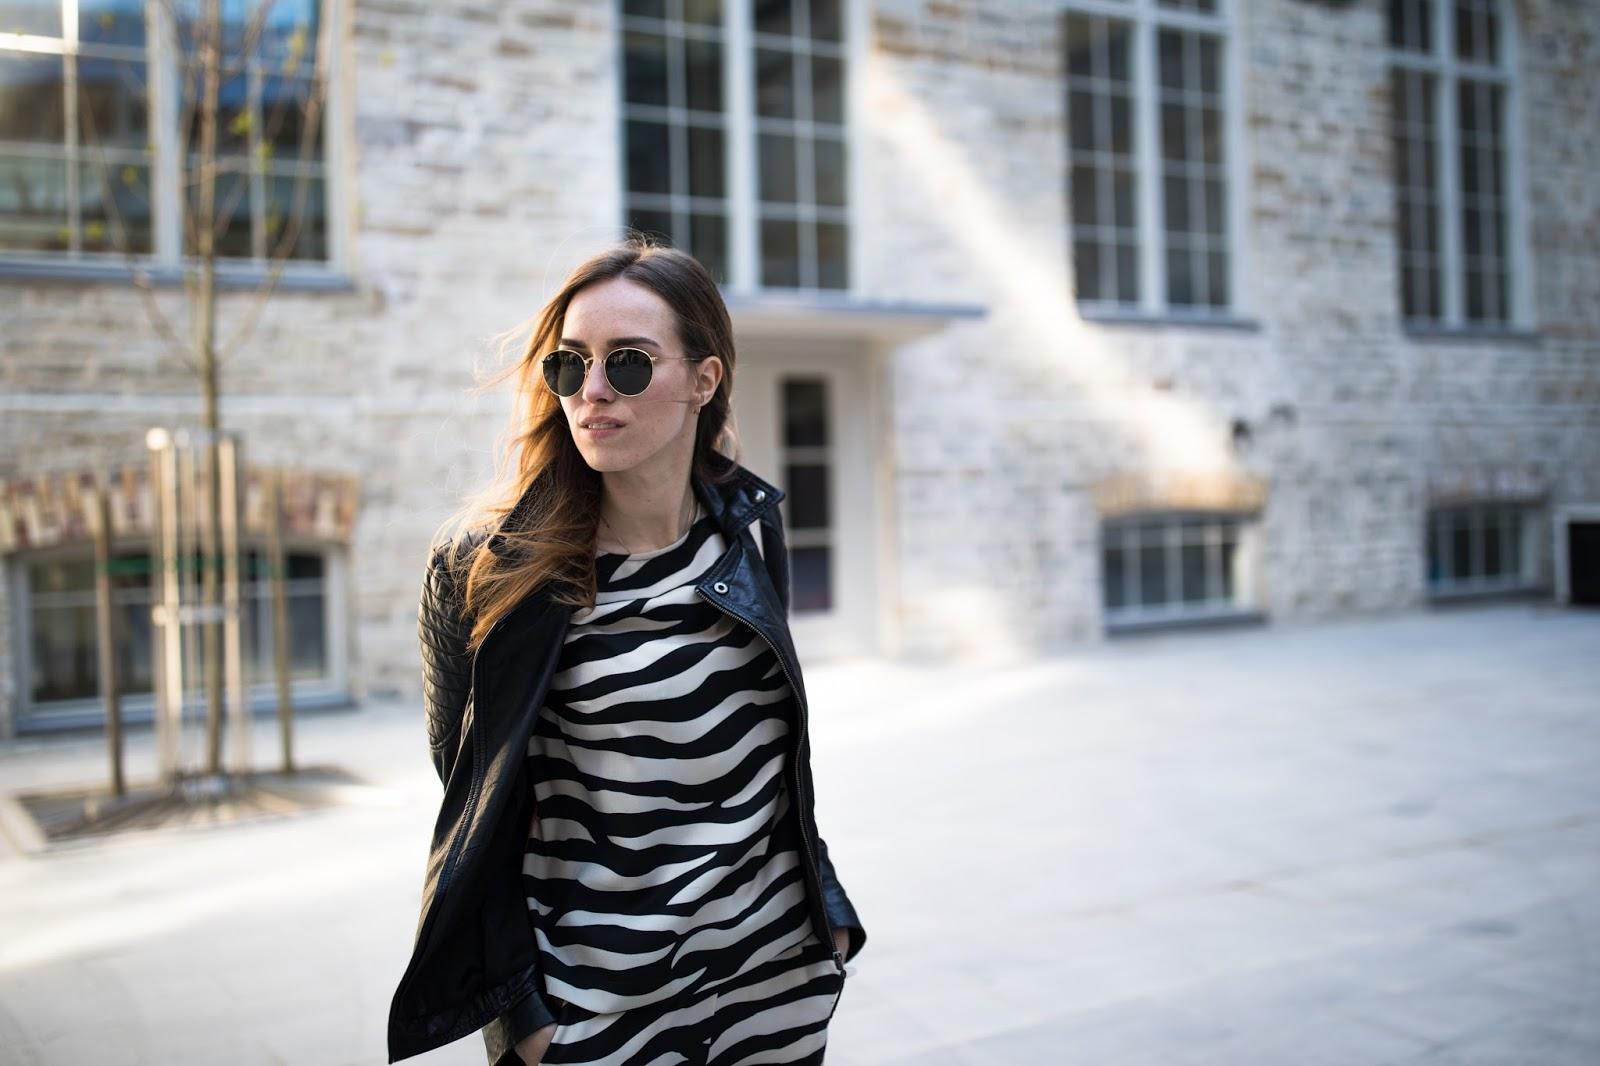 zebra print satin pyjama